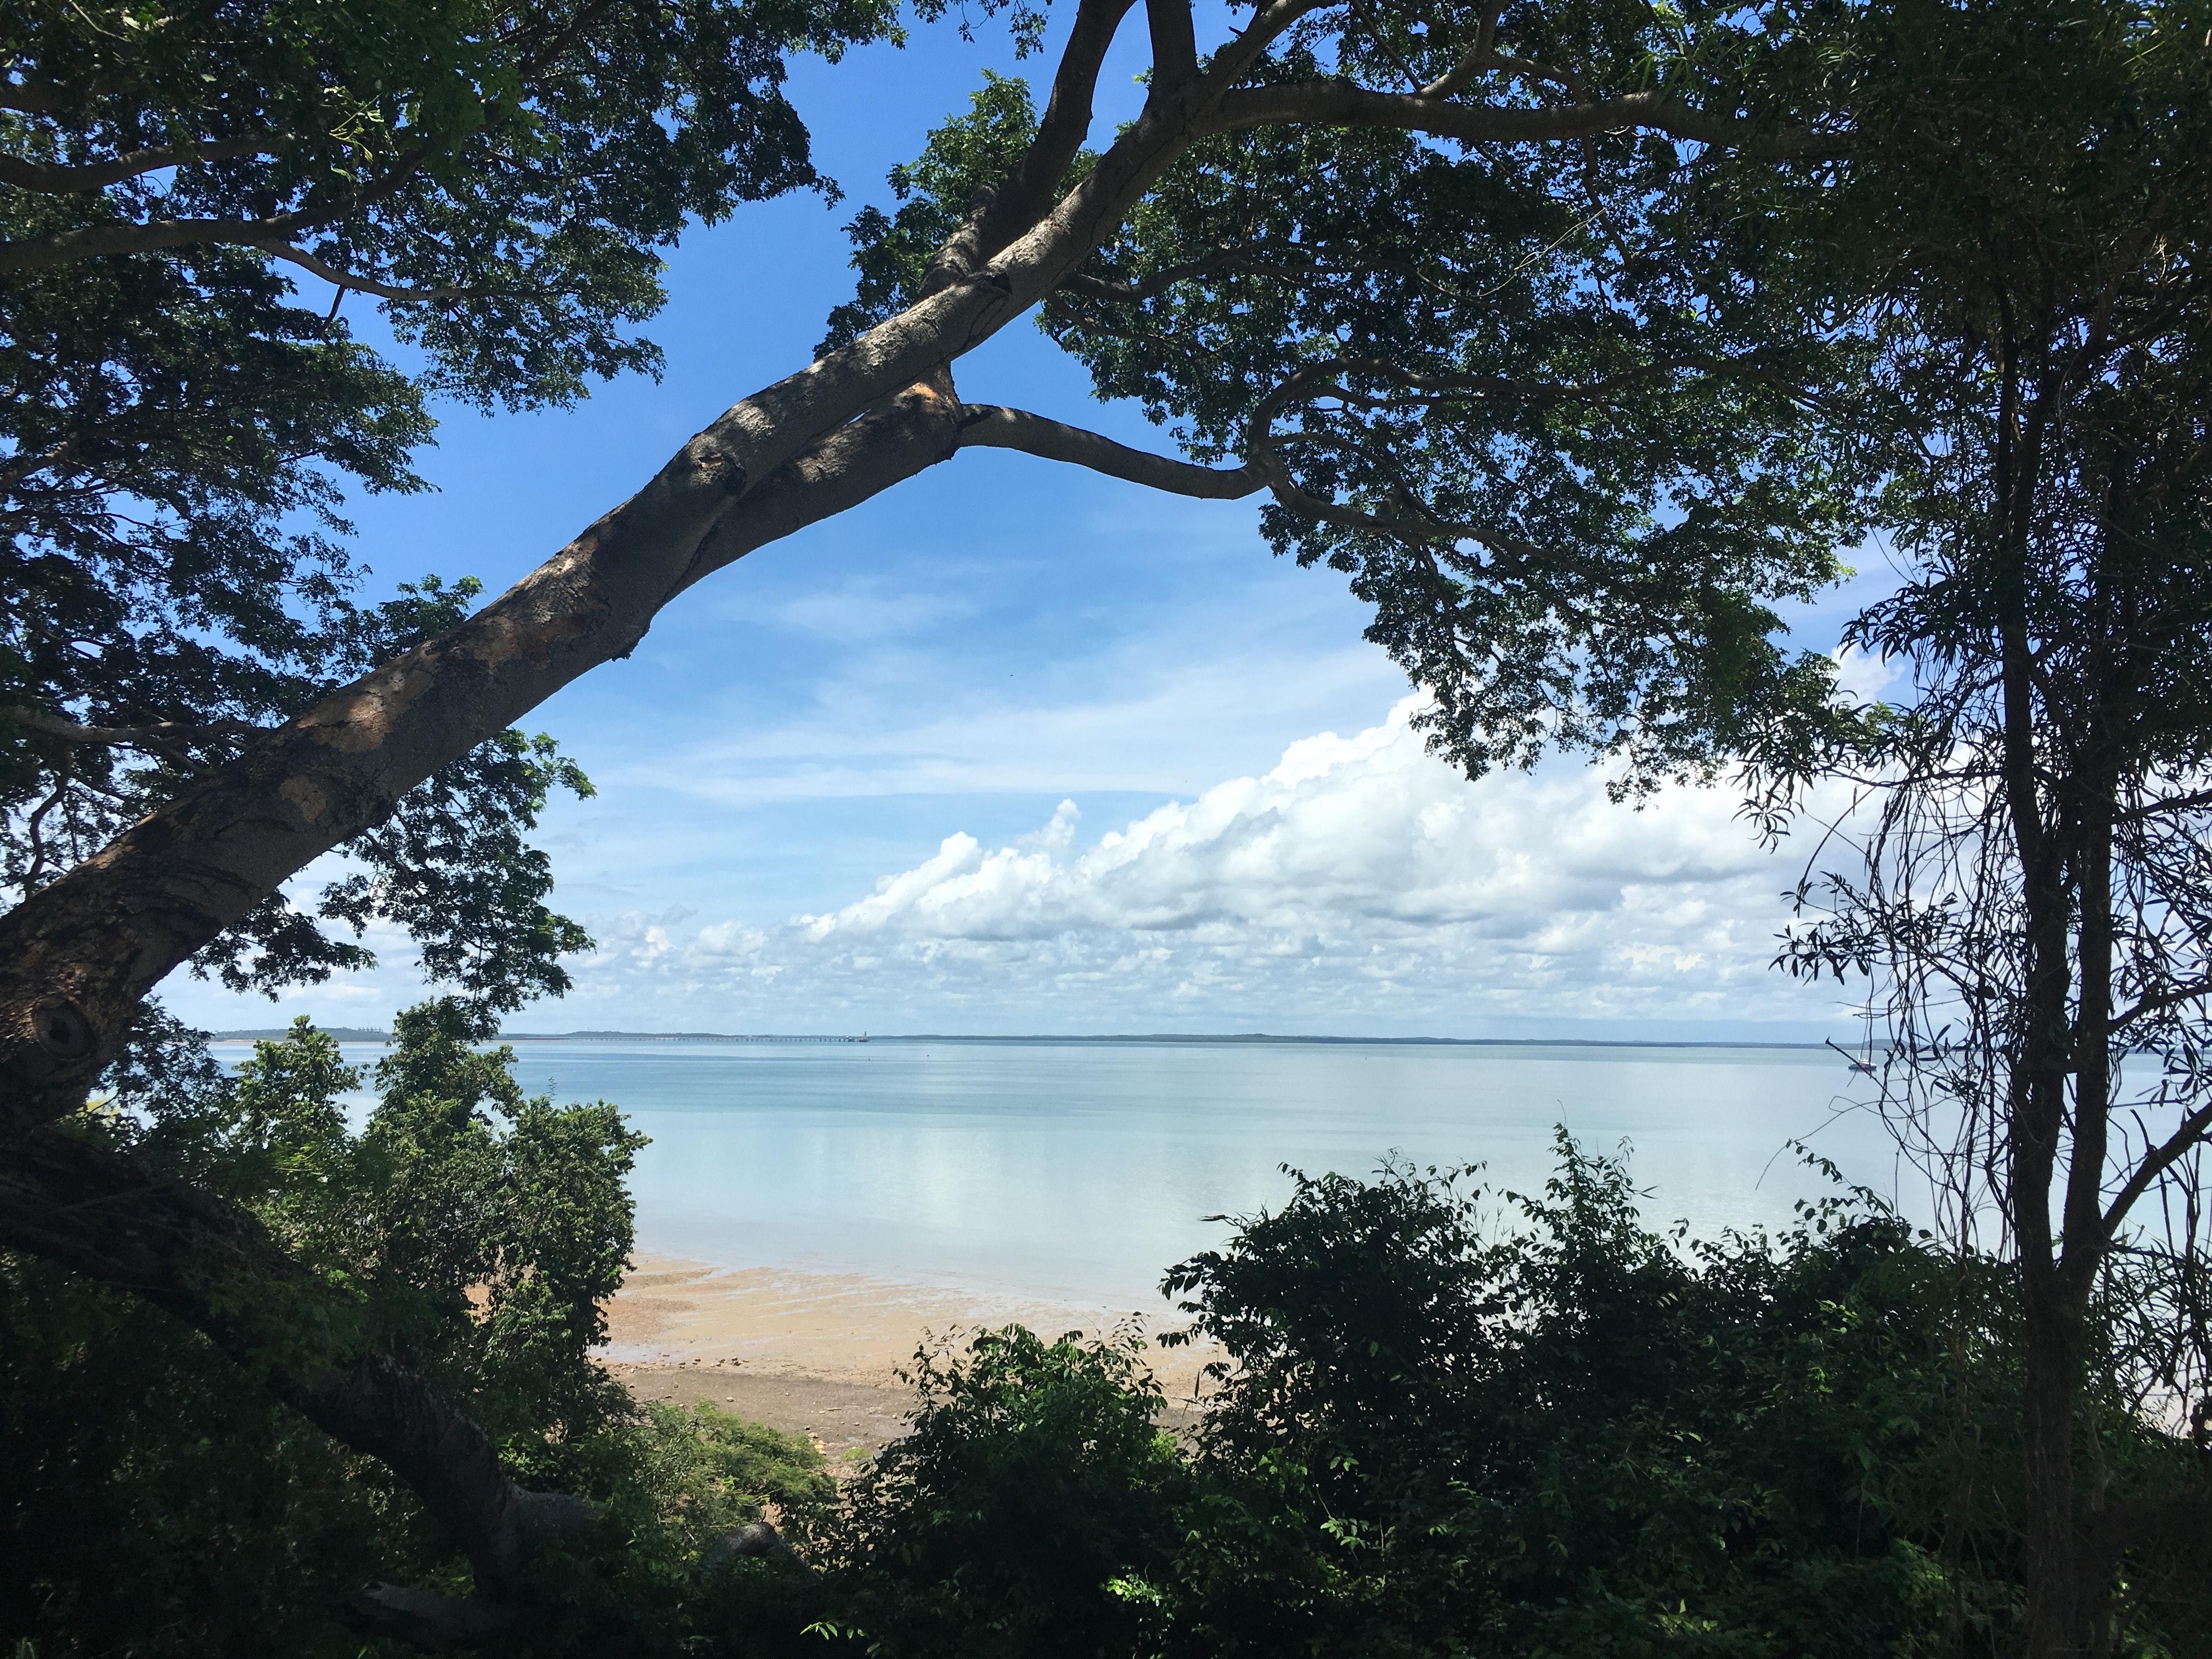 Trees on beach against sky photo